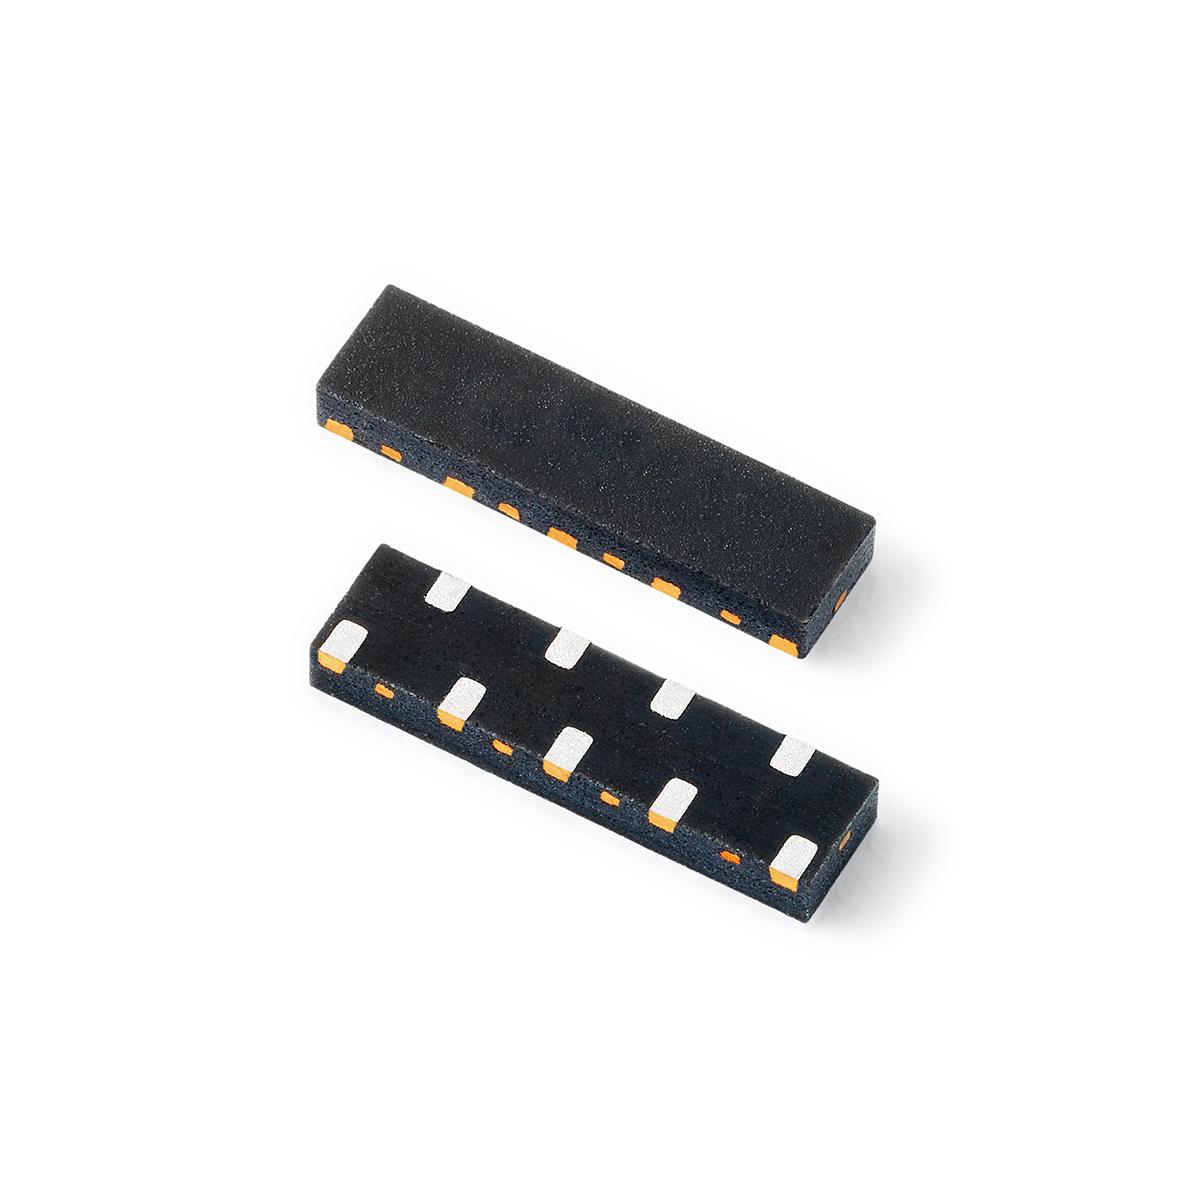 5PCS X Littelfuse SEP0640Q38CB QFN-8 TVS Diodes